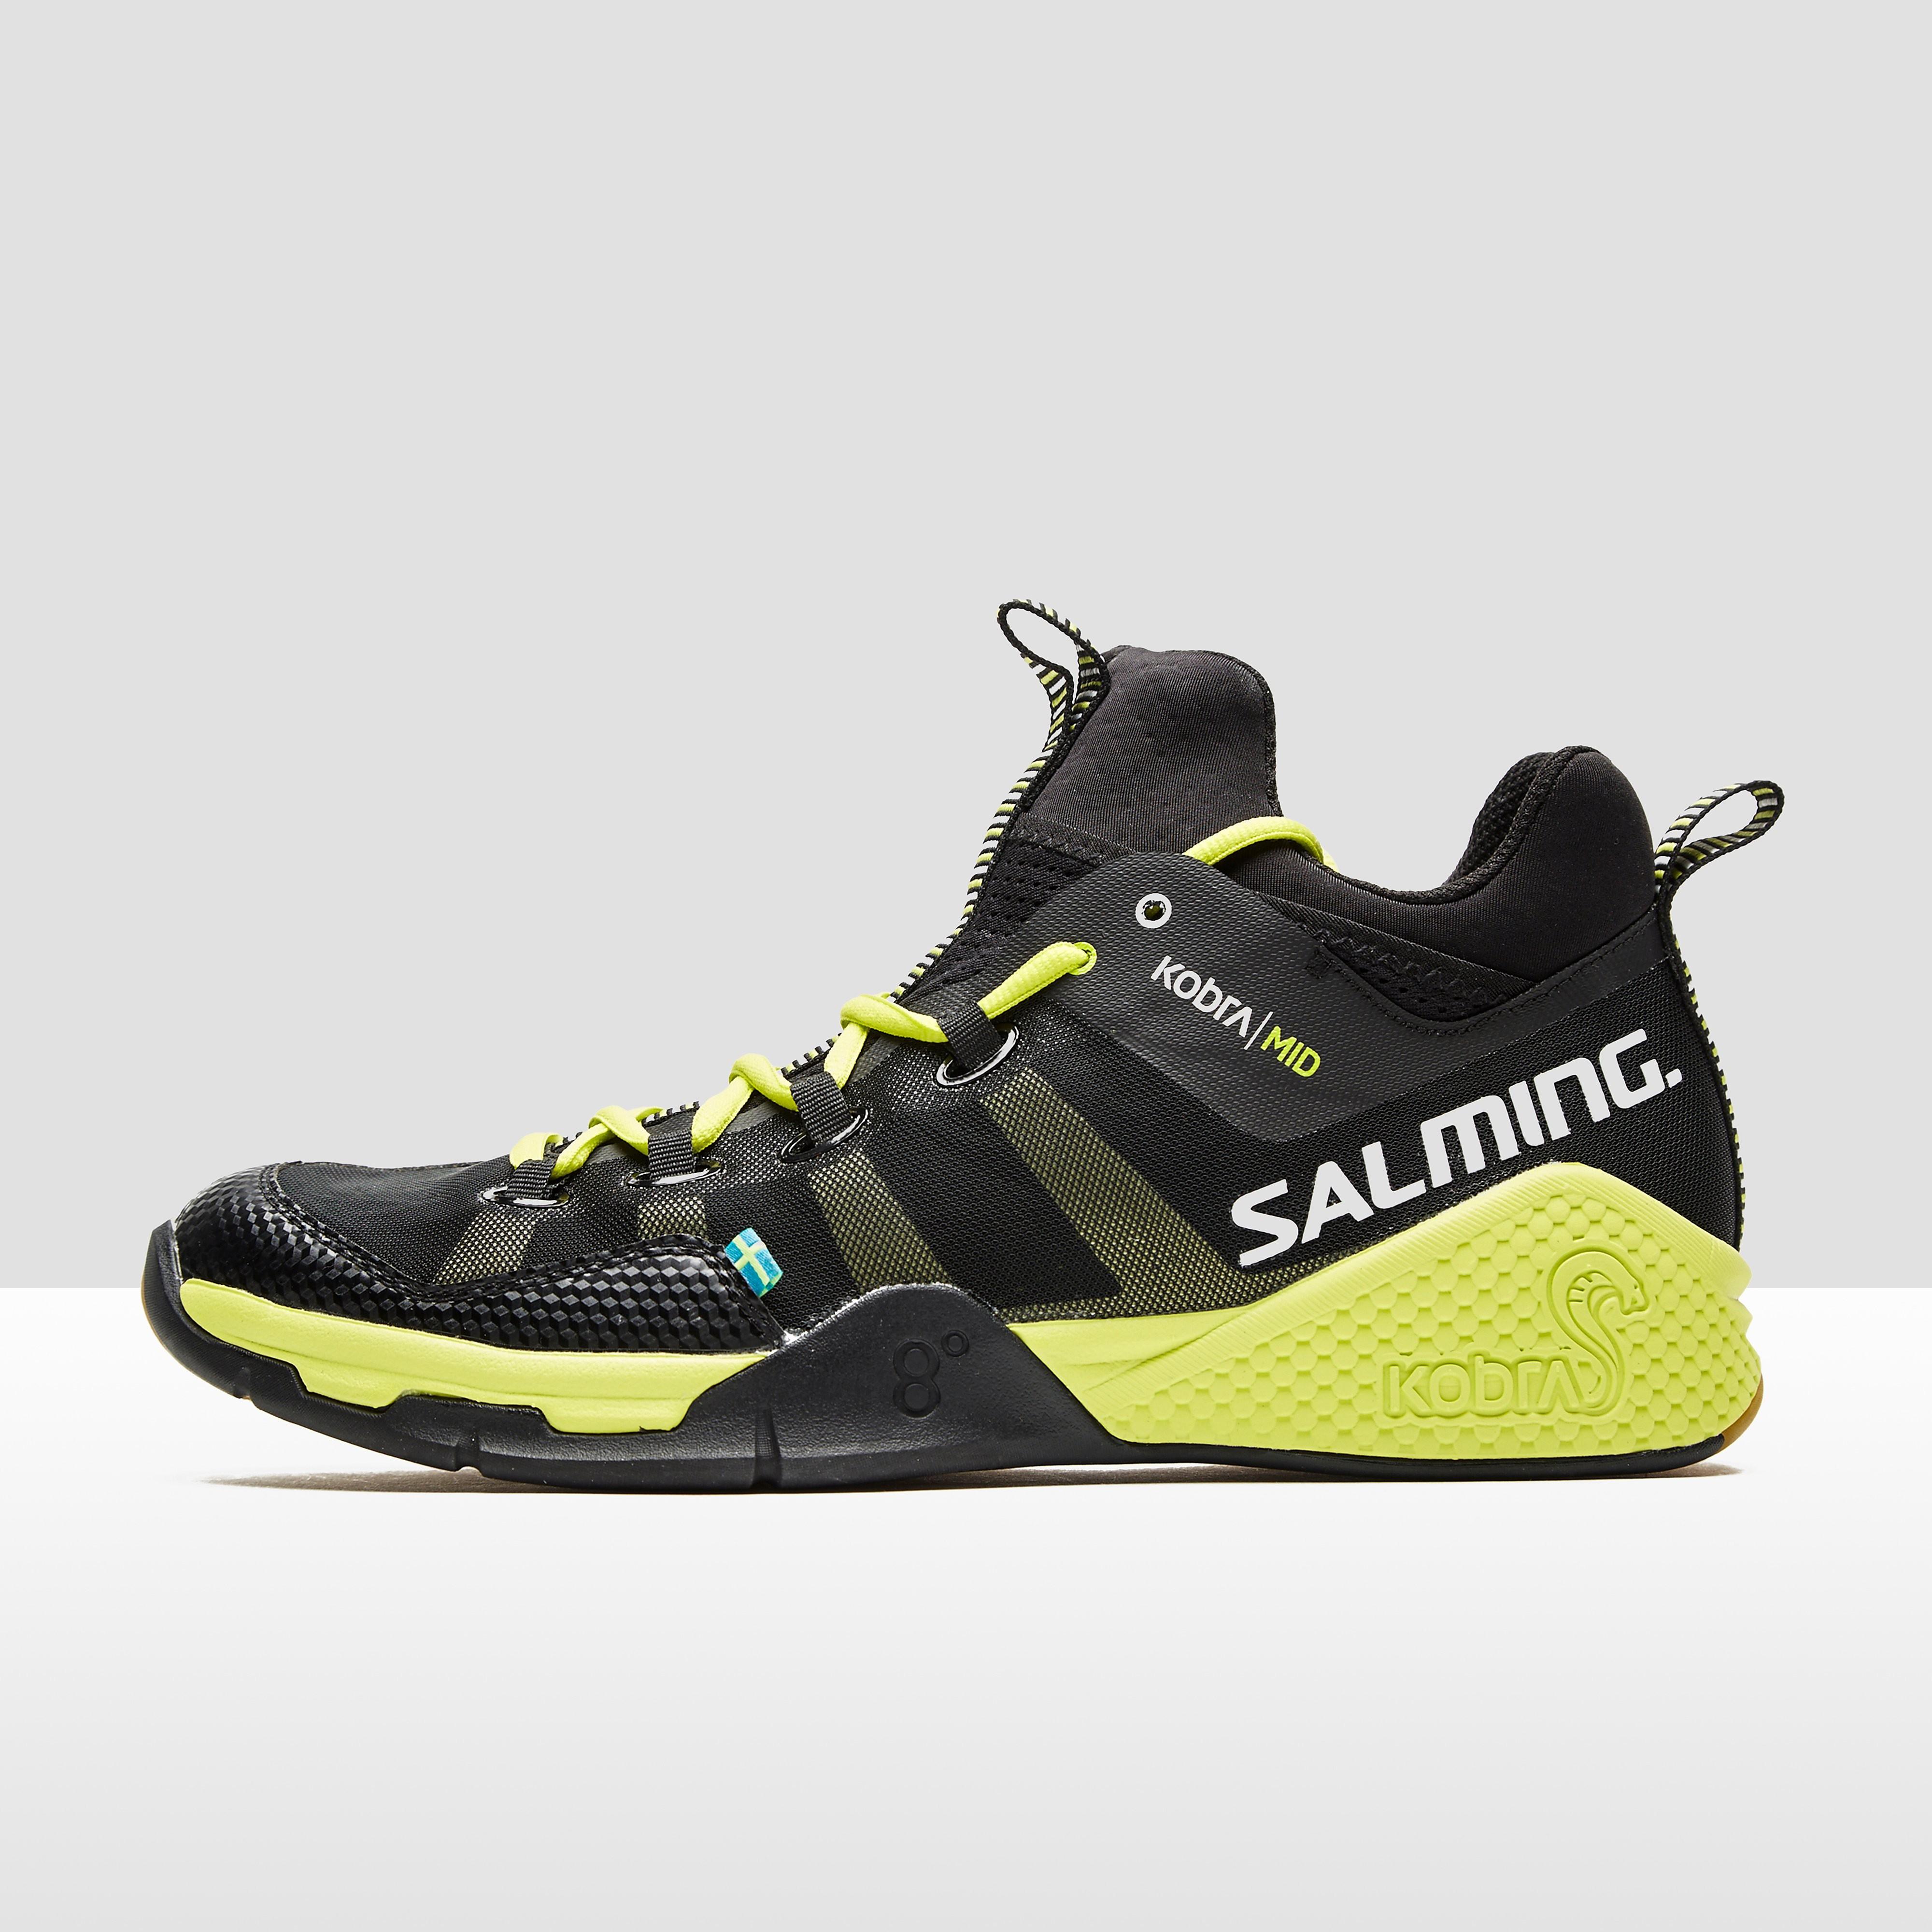 Salming Kobra Mid Men's Indoor Court Shoes